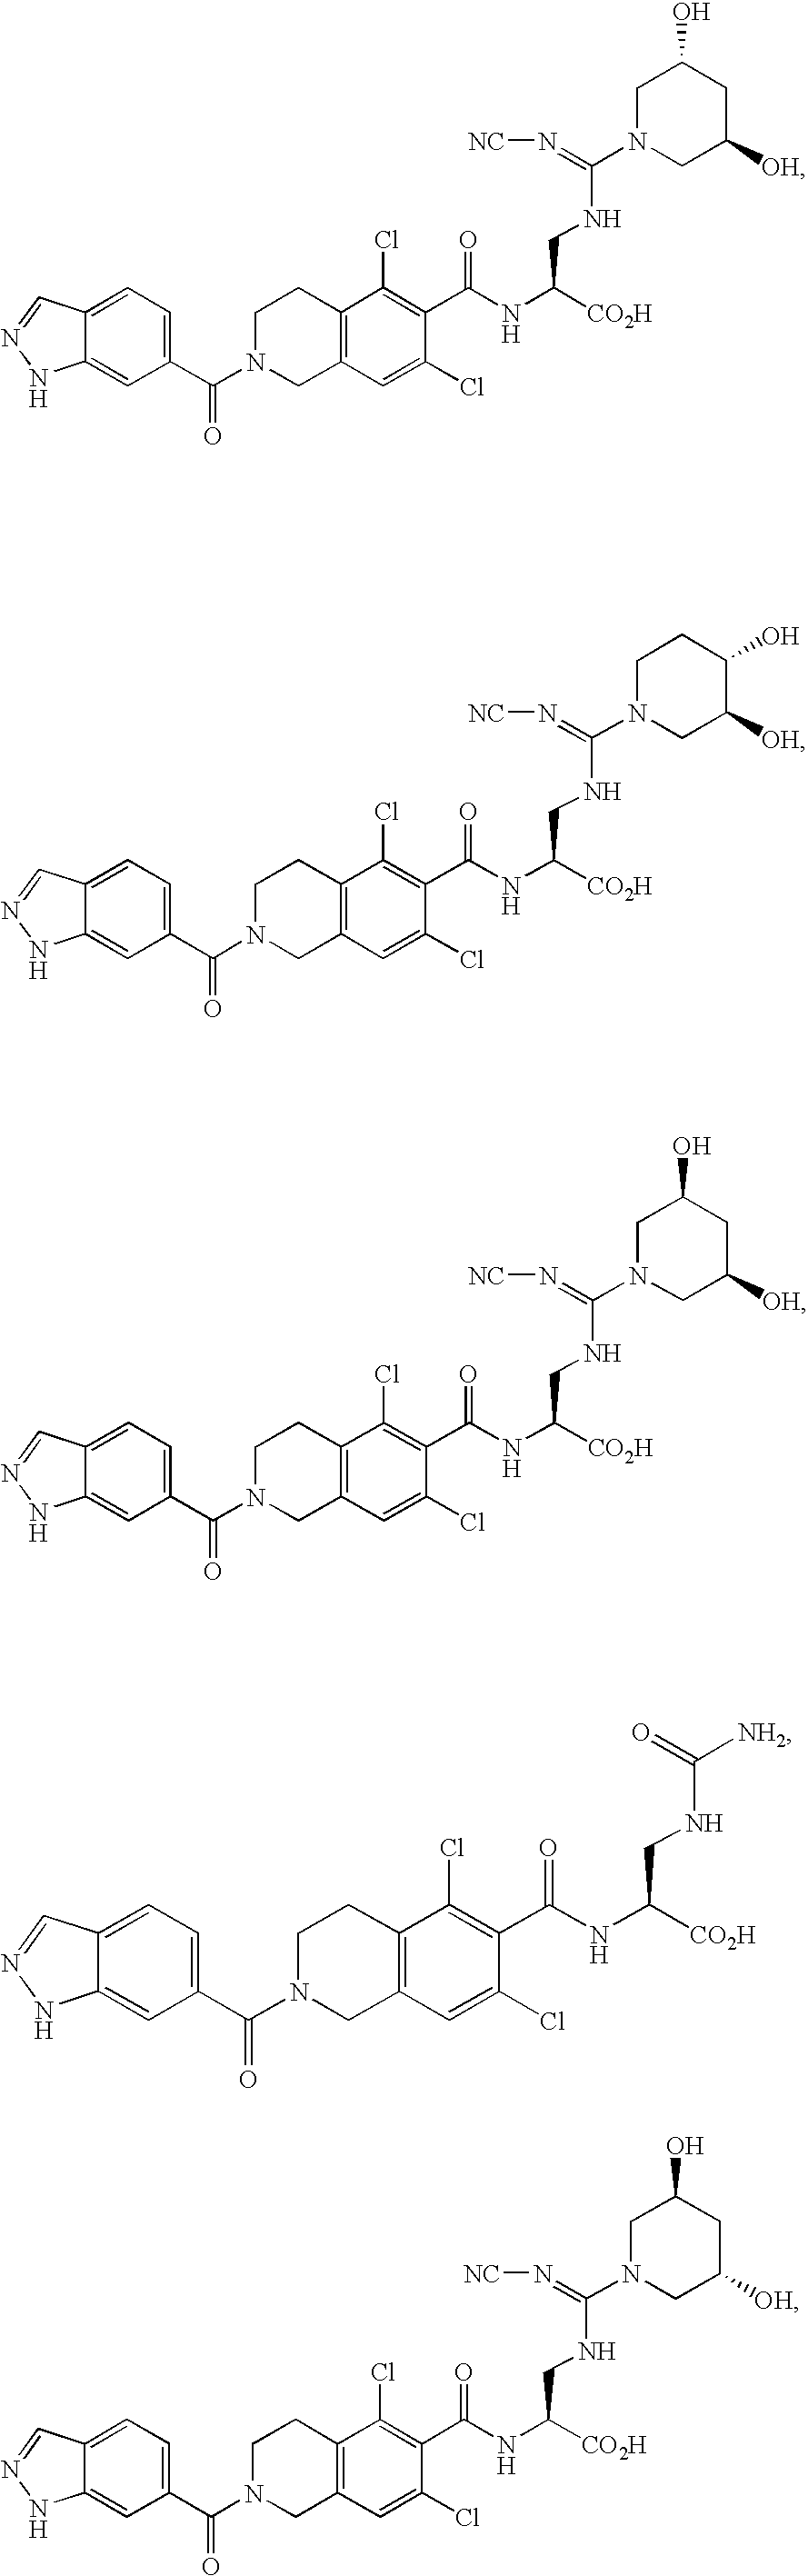 Figure US07790743-20100907-C00267